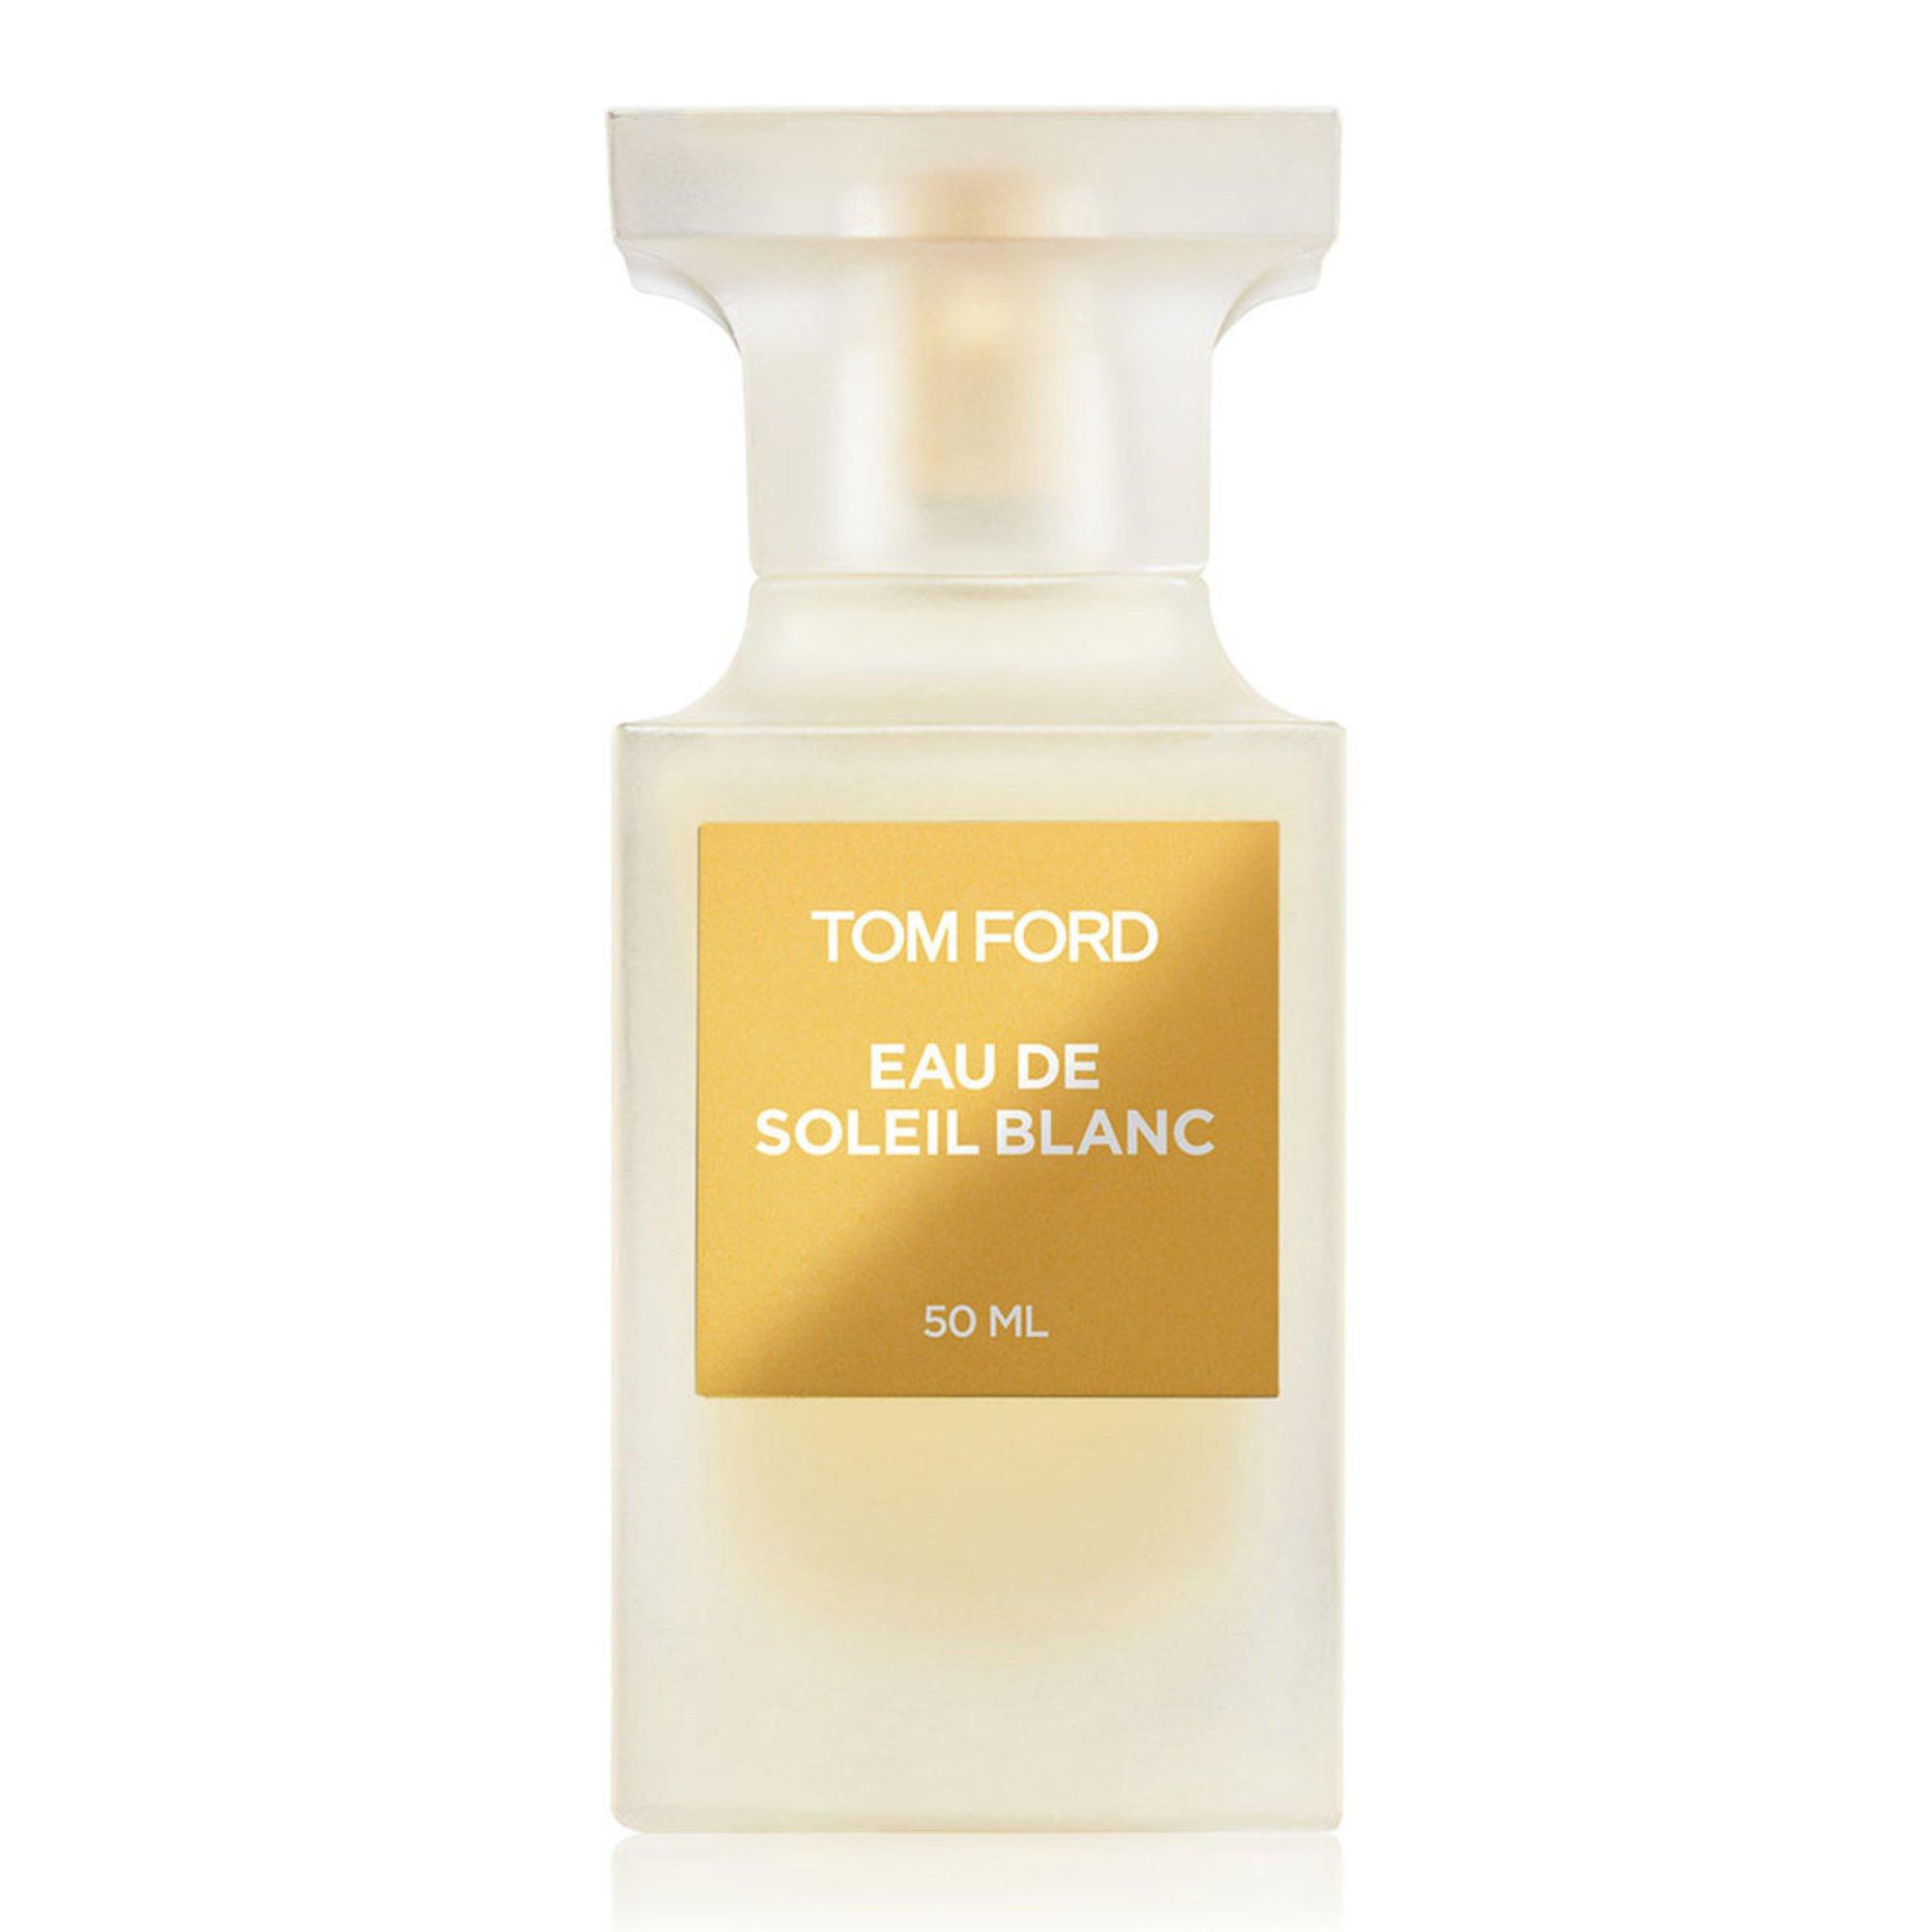 Tom Ford Eau De Soleil Blanc Eau De Parfum   Perfume   Beauty - Shop Your  Navy Exchange - Official Site 8cc26f901b6e